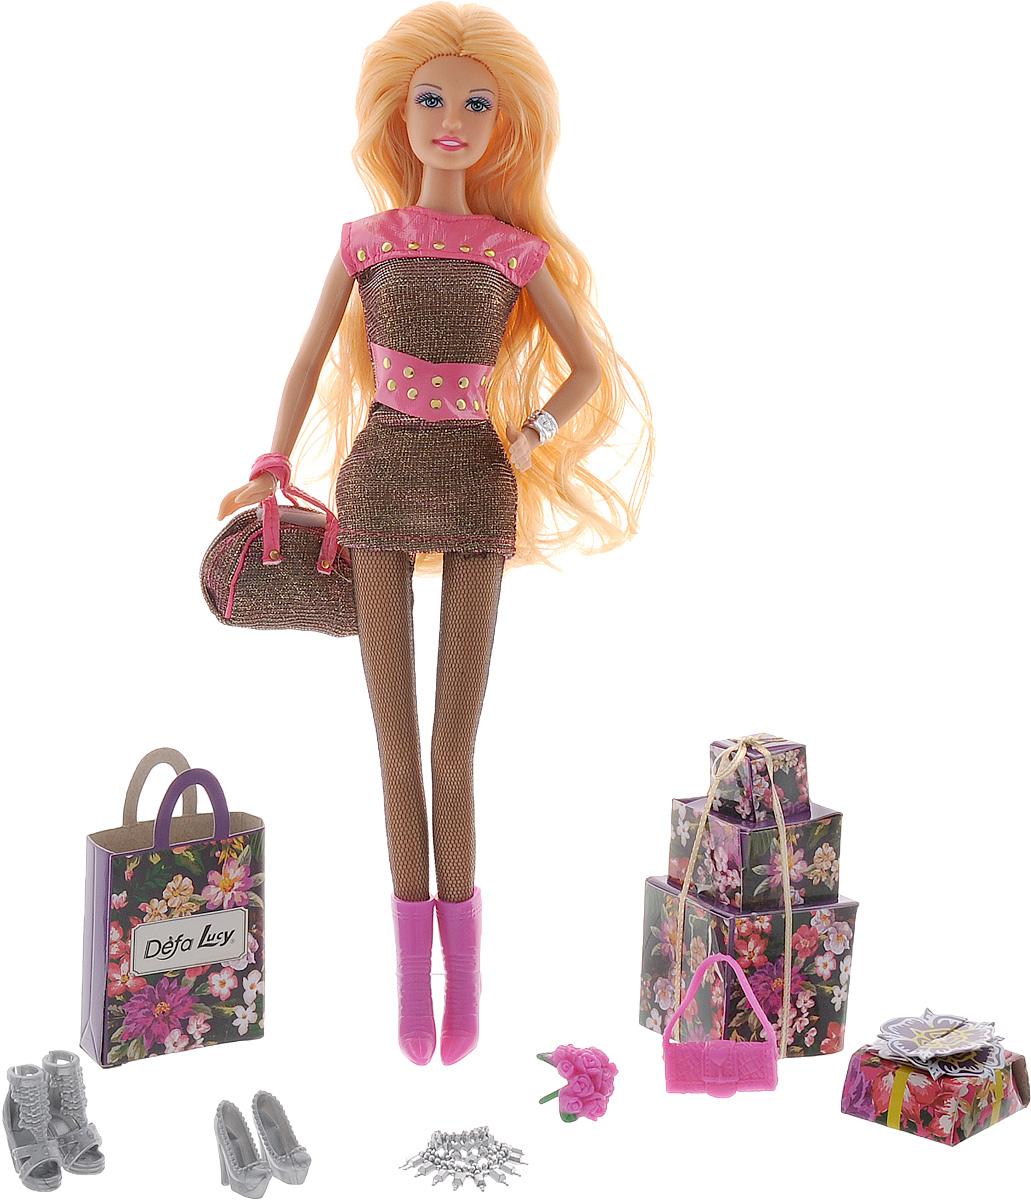 Defa Кукла Lucy цвет наряда черный розовый8285dКукла Defa Lucy обязательно понравится любой девочке и позволит ей погрузиться в сказочный мир волшебства. Очаровательная куколка одета в короткое блестящее платье и сетчатые колготки. На ногах у Lucy - розовые сапожки на каблуках. Вашей дочурке непременно понравится расчесывать и заплетать длинные светлые волосы куклы. В комплект с куклой входят дополнительные аксессуары, которые разнообразят игры. Руки, ноги и голова куклы подвижны, благодаря чему ей можно придавать различные позы. Благодаря играм с куклой ваша малышка сможет развить фантазию и любознательность, овладеть навыками общения и научиться ответственности.